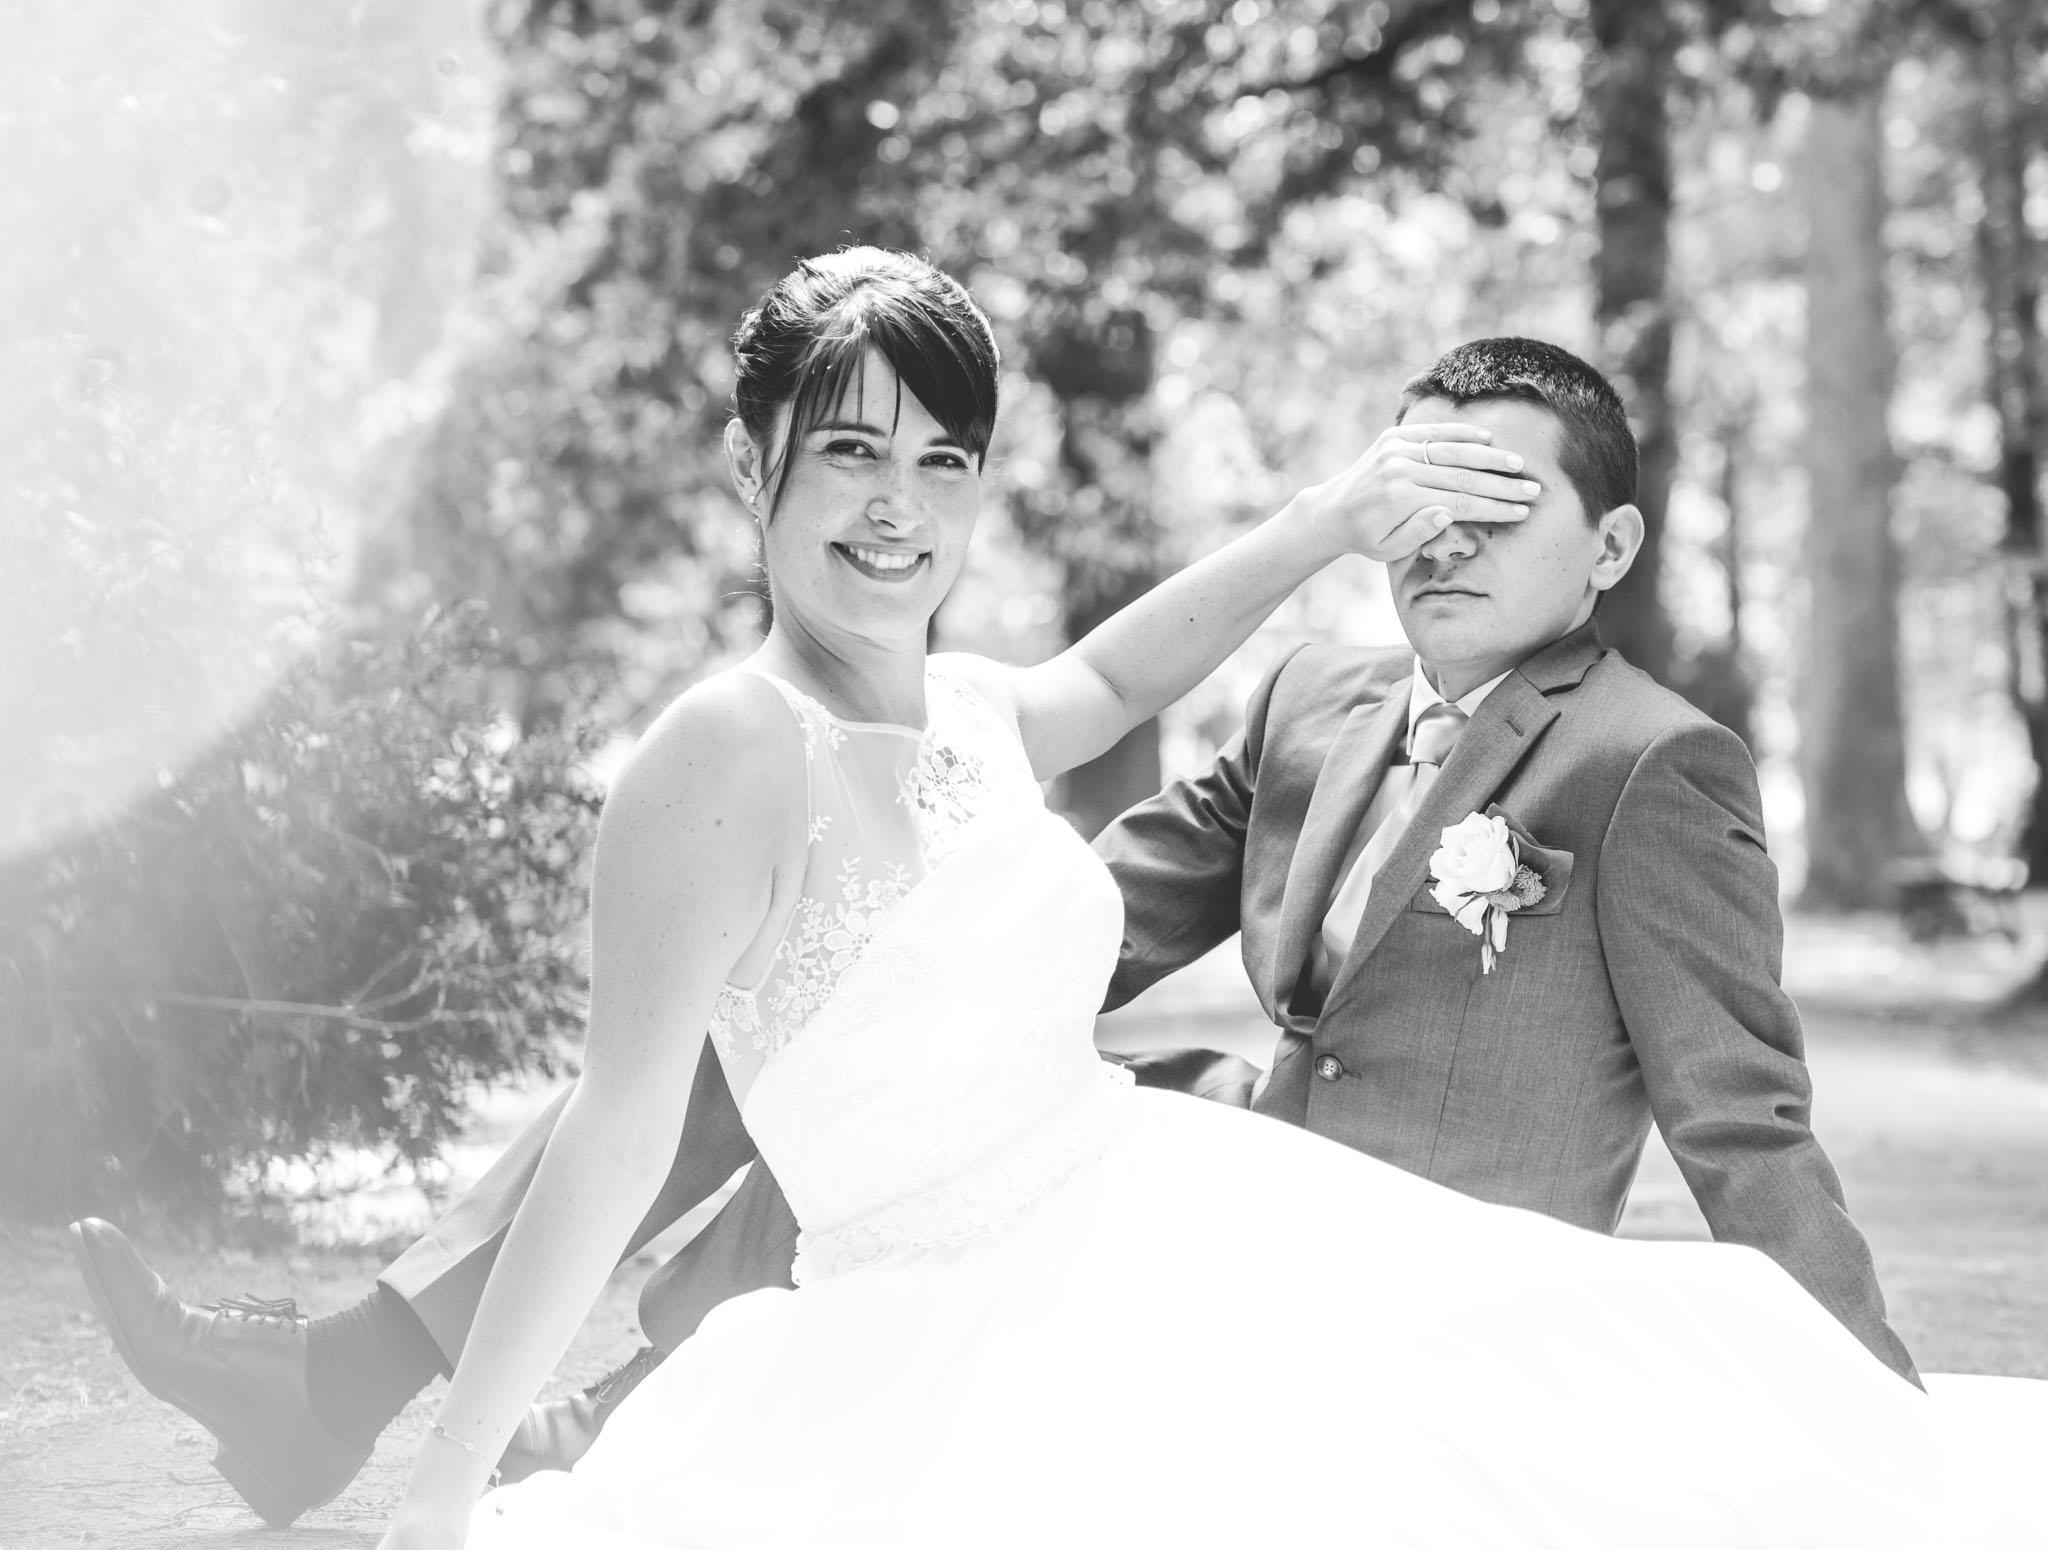 photographe mariage lyon des photos pour votre mariage. Black Bedroom Furniture Sets. Home Design Ideas